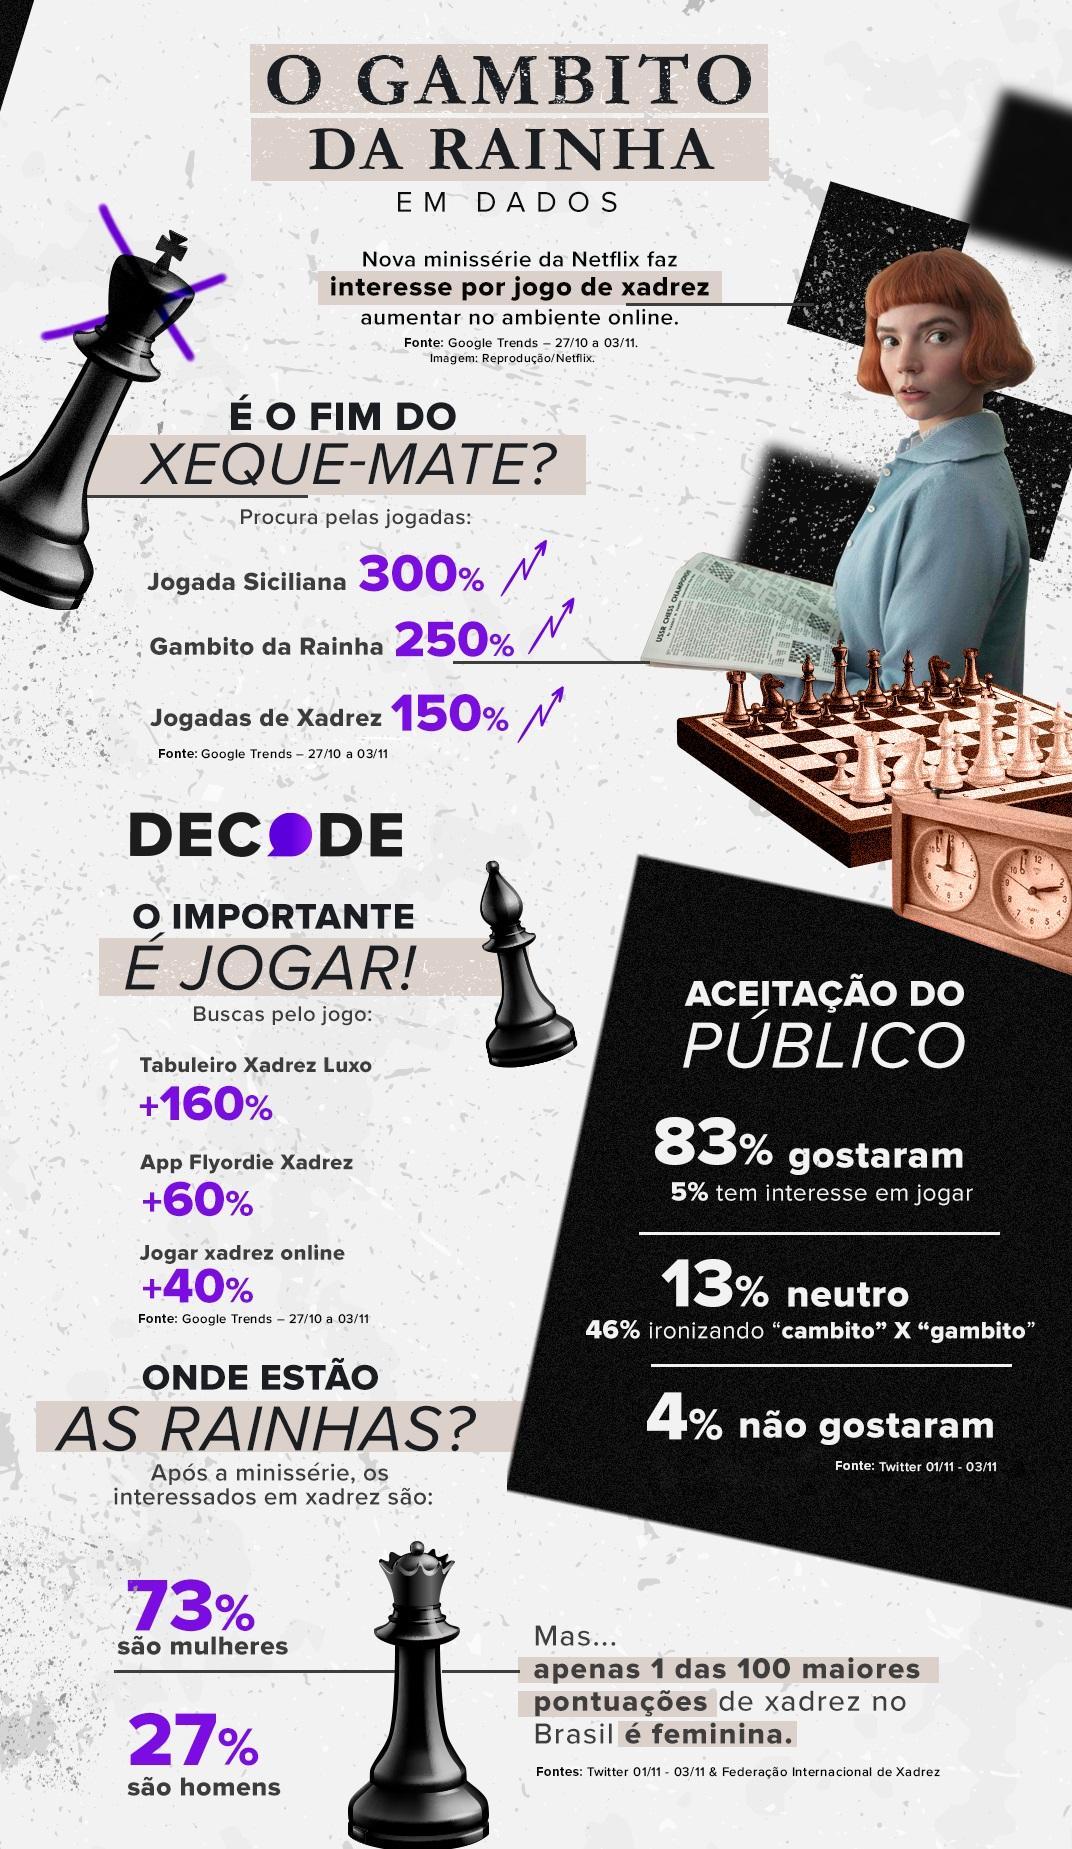 O Gambito da Rainha faz interesse por xadrez crescer até 300% na web